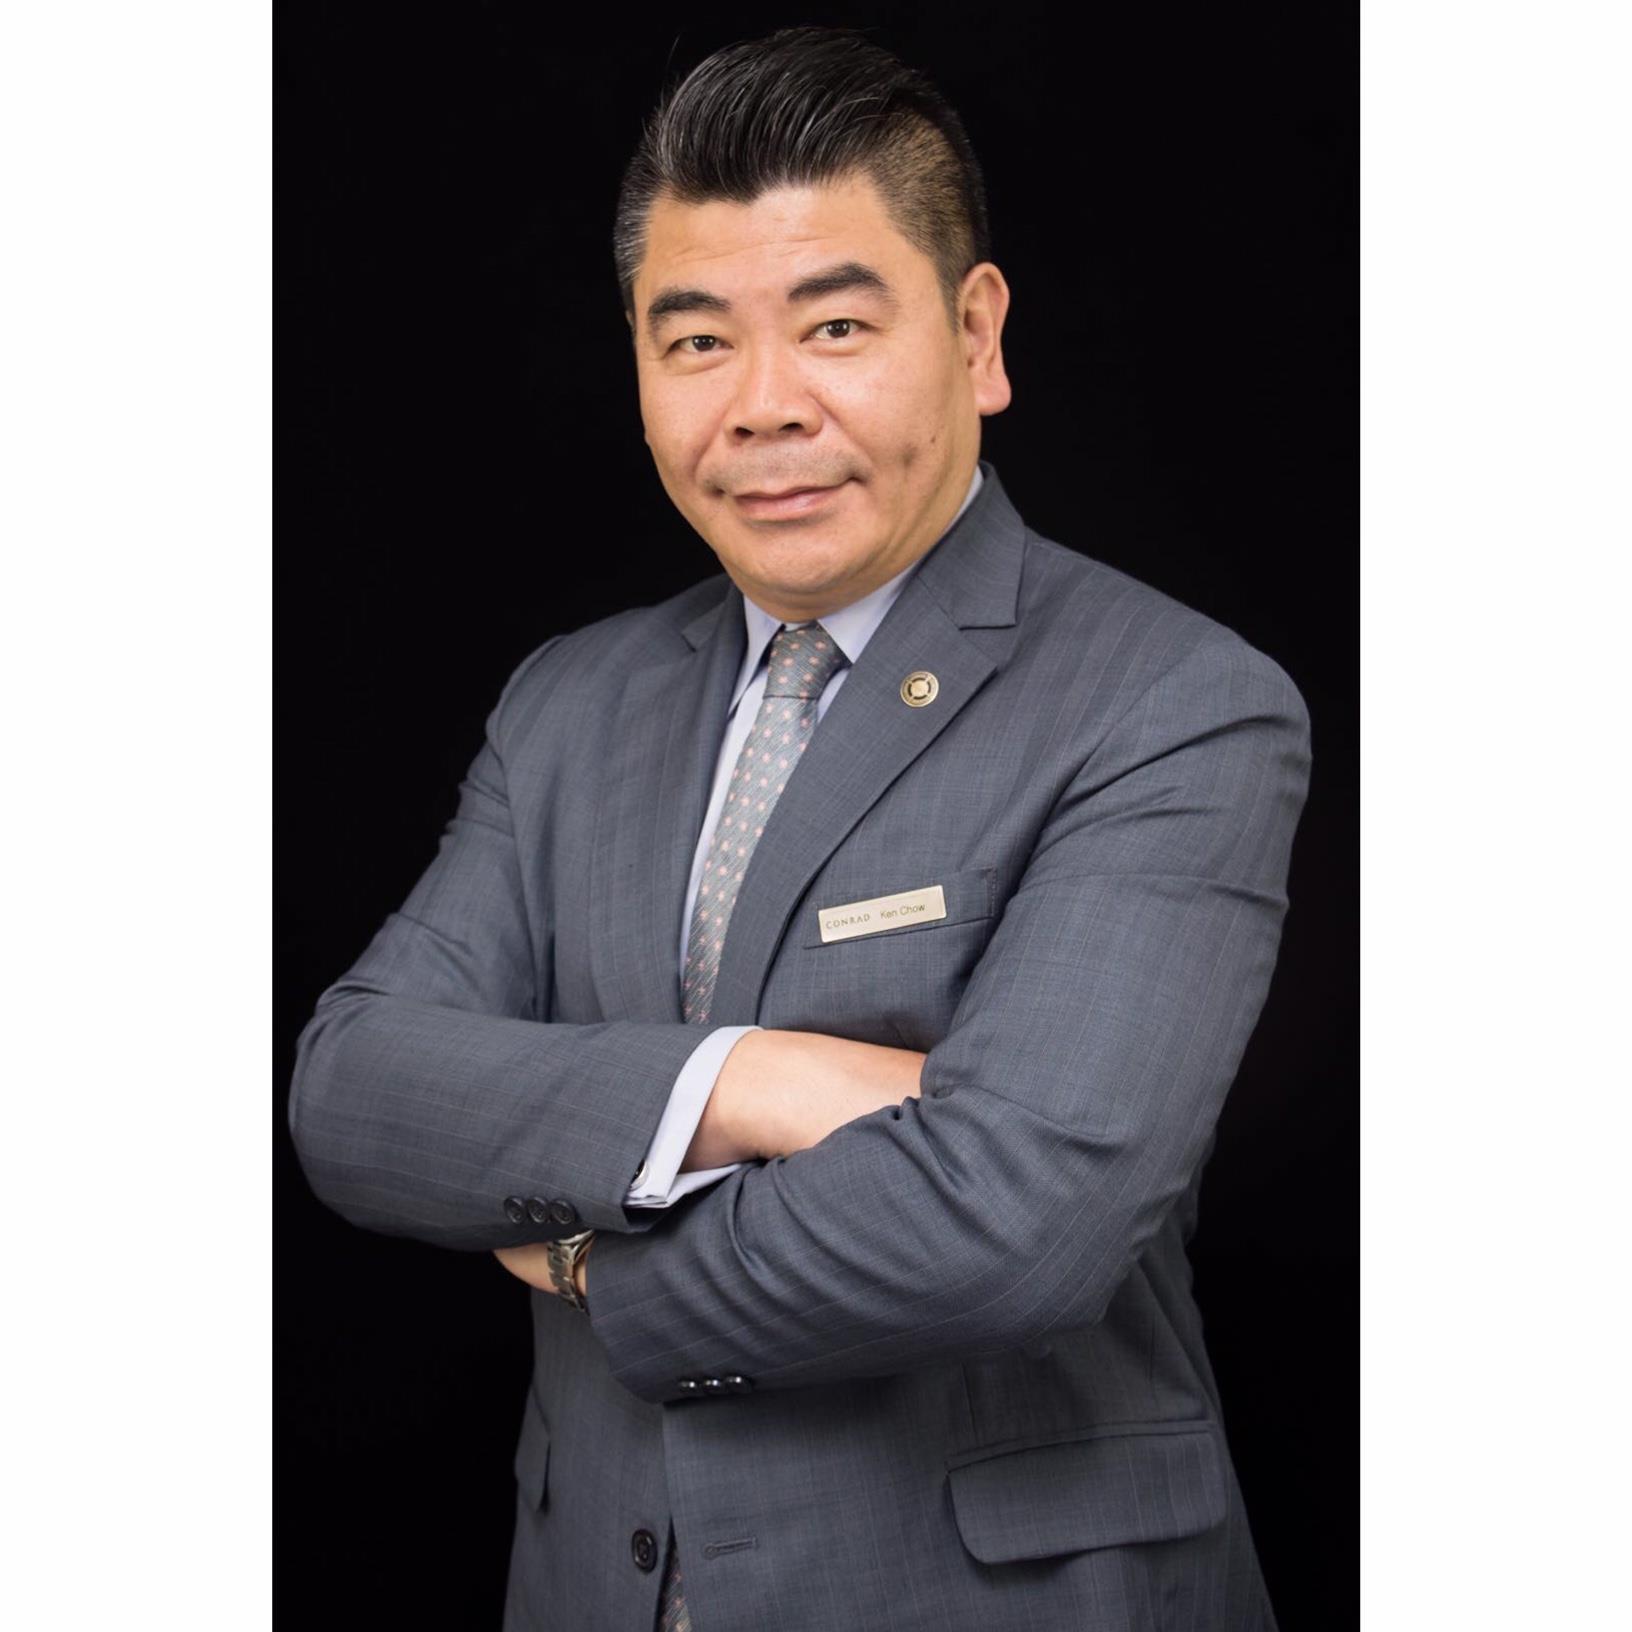 周伟乾先生就任广州康莱德酒店总经理